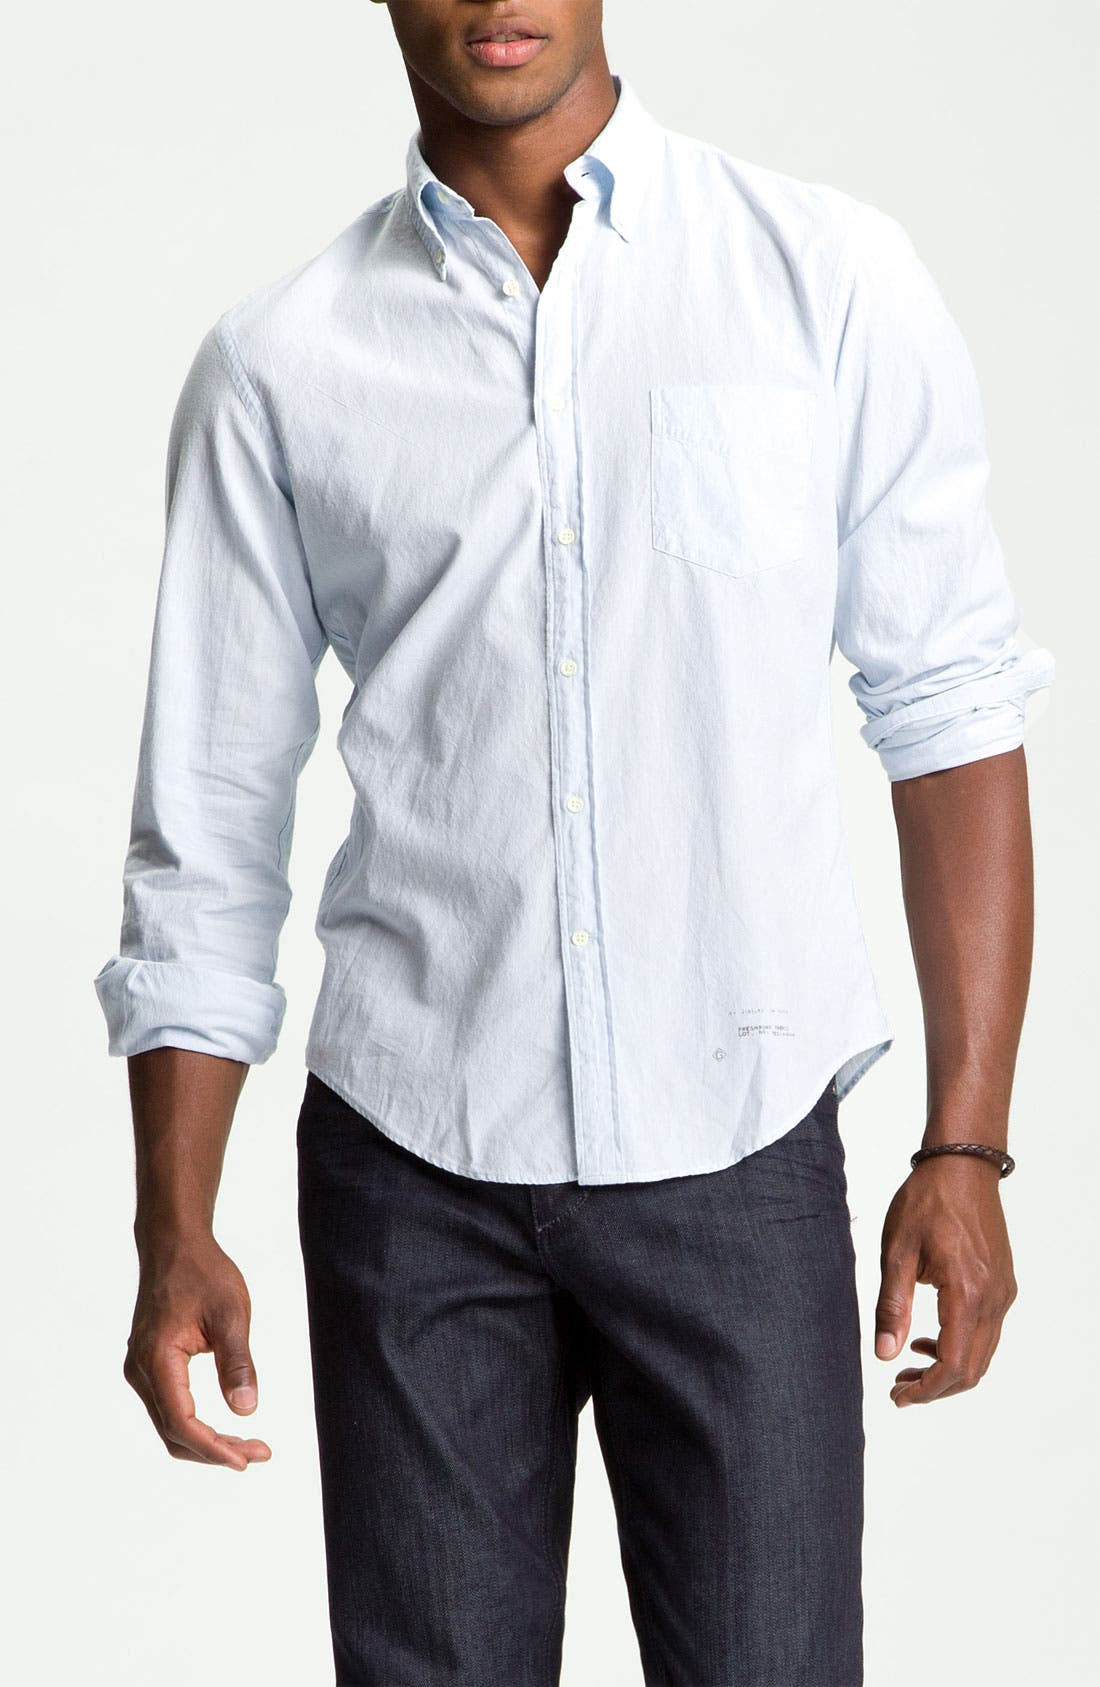 Main Image - Gant Rugger Shirt & Joe's Slim Straight Leg Jeans